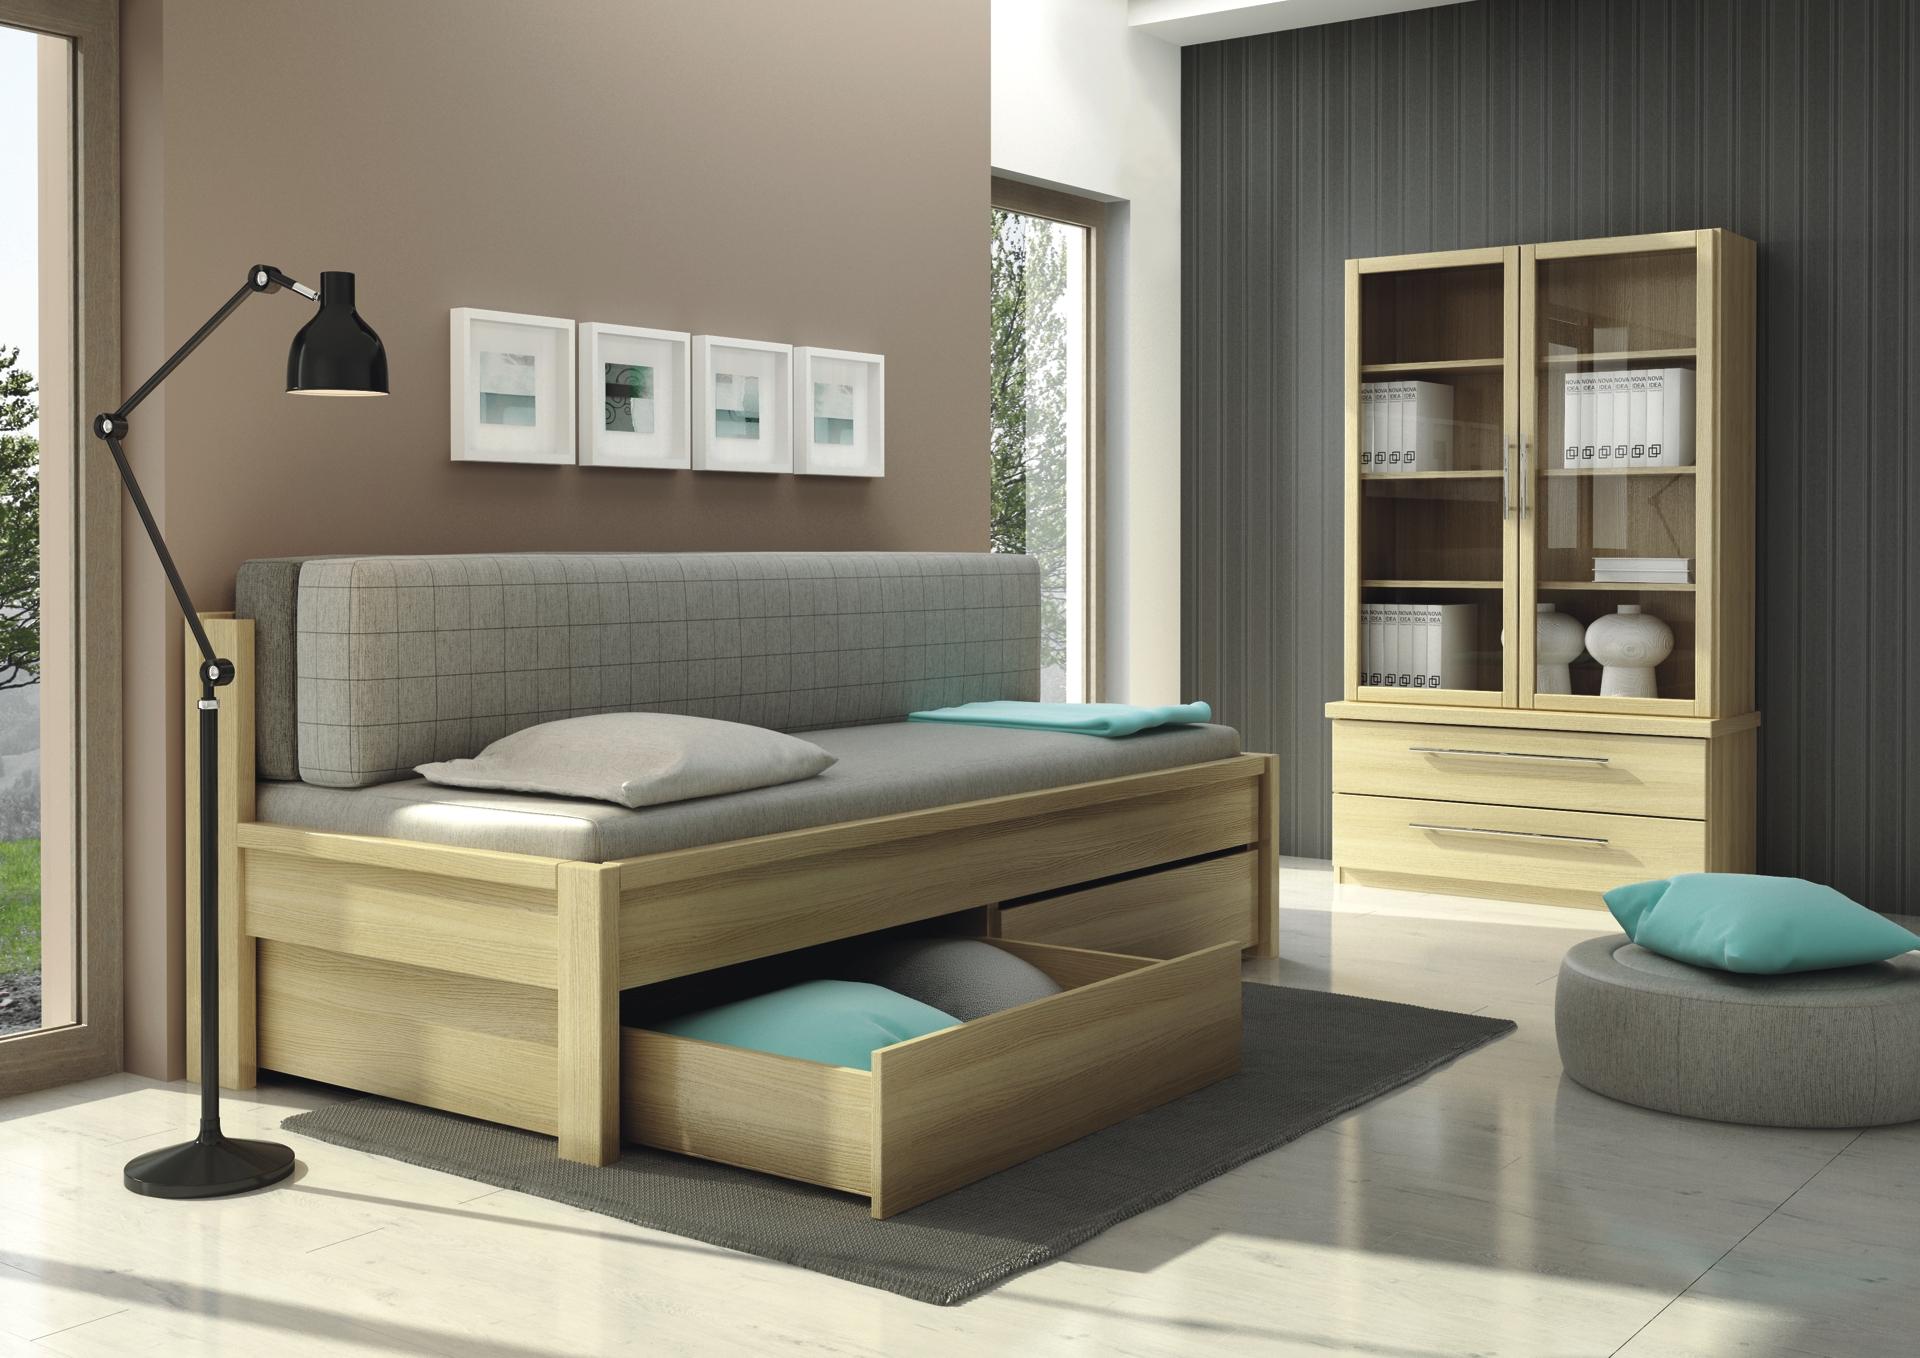 Rozkládací postel DIANA – ideální nejen do malého bytu